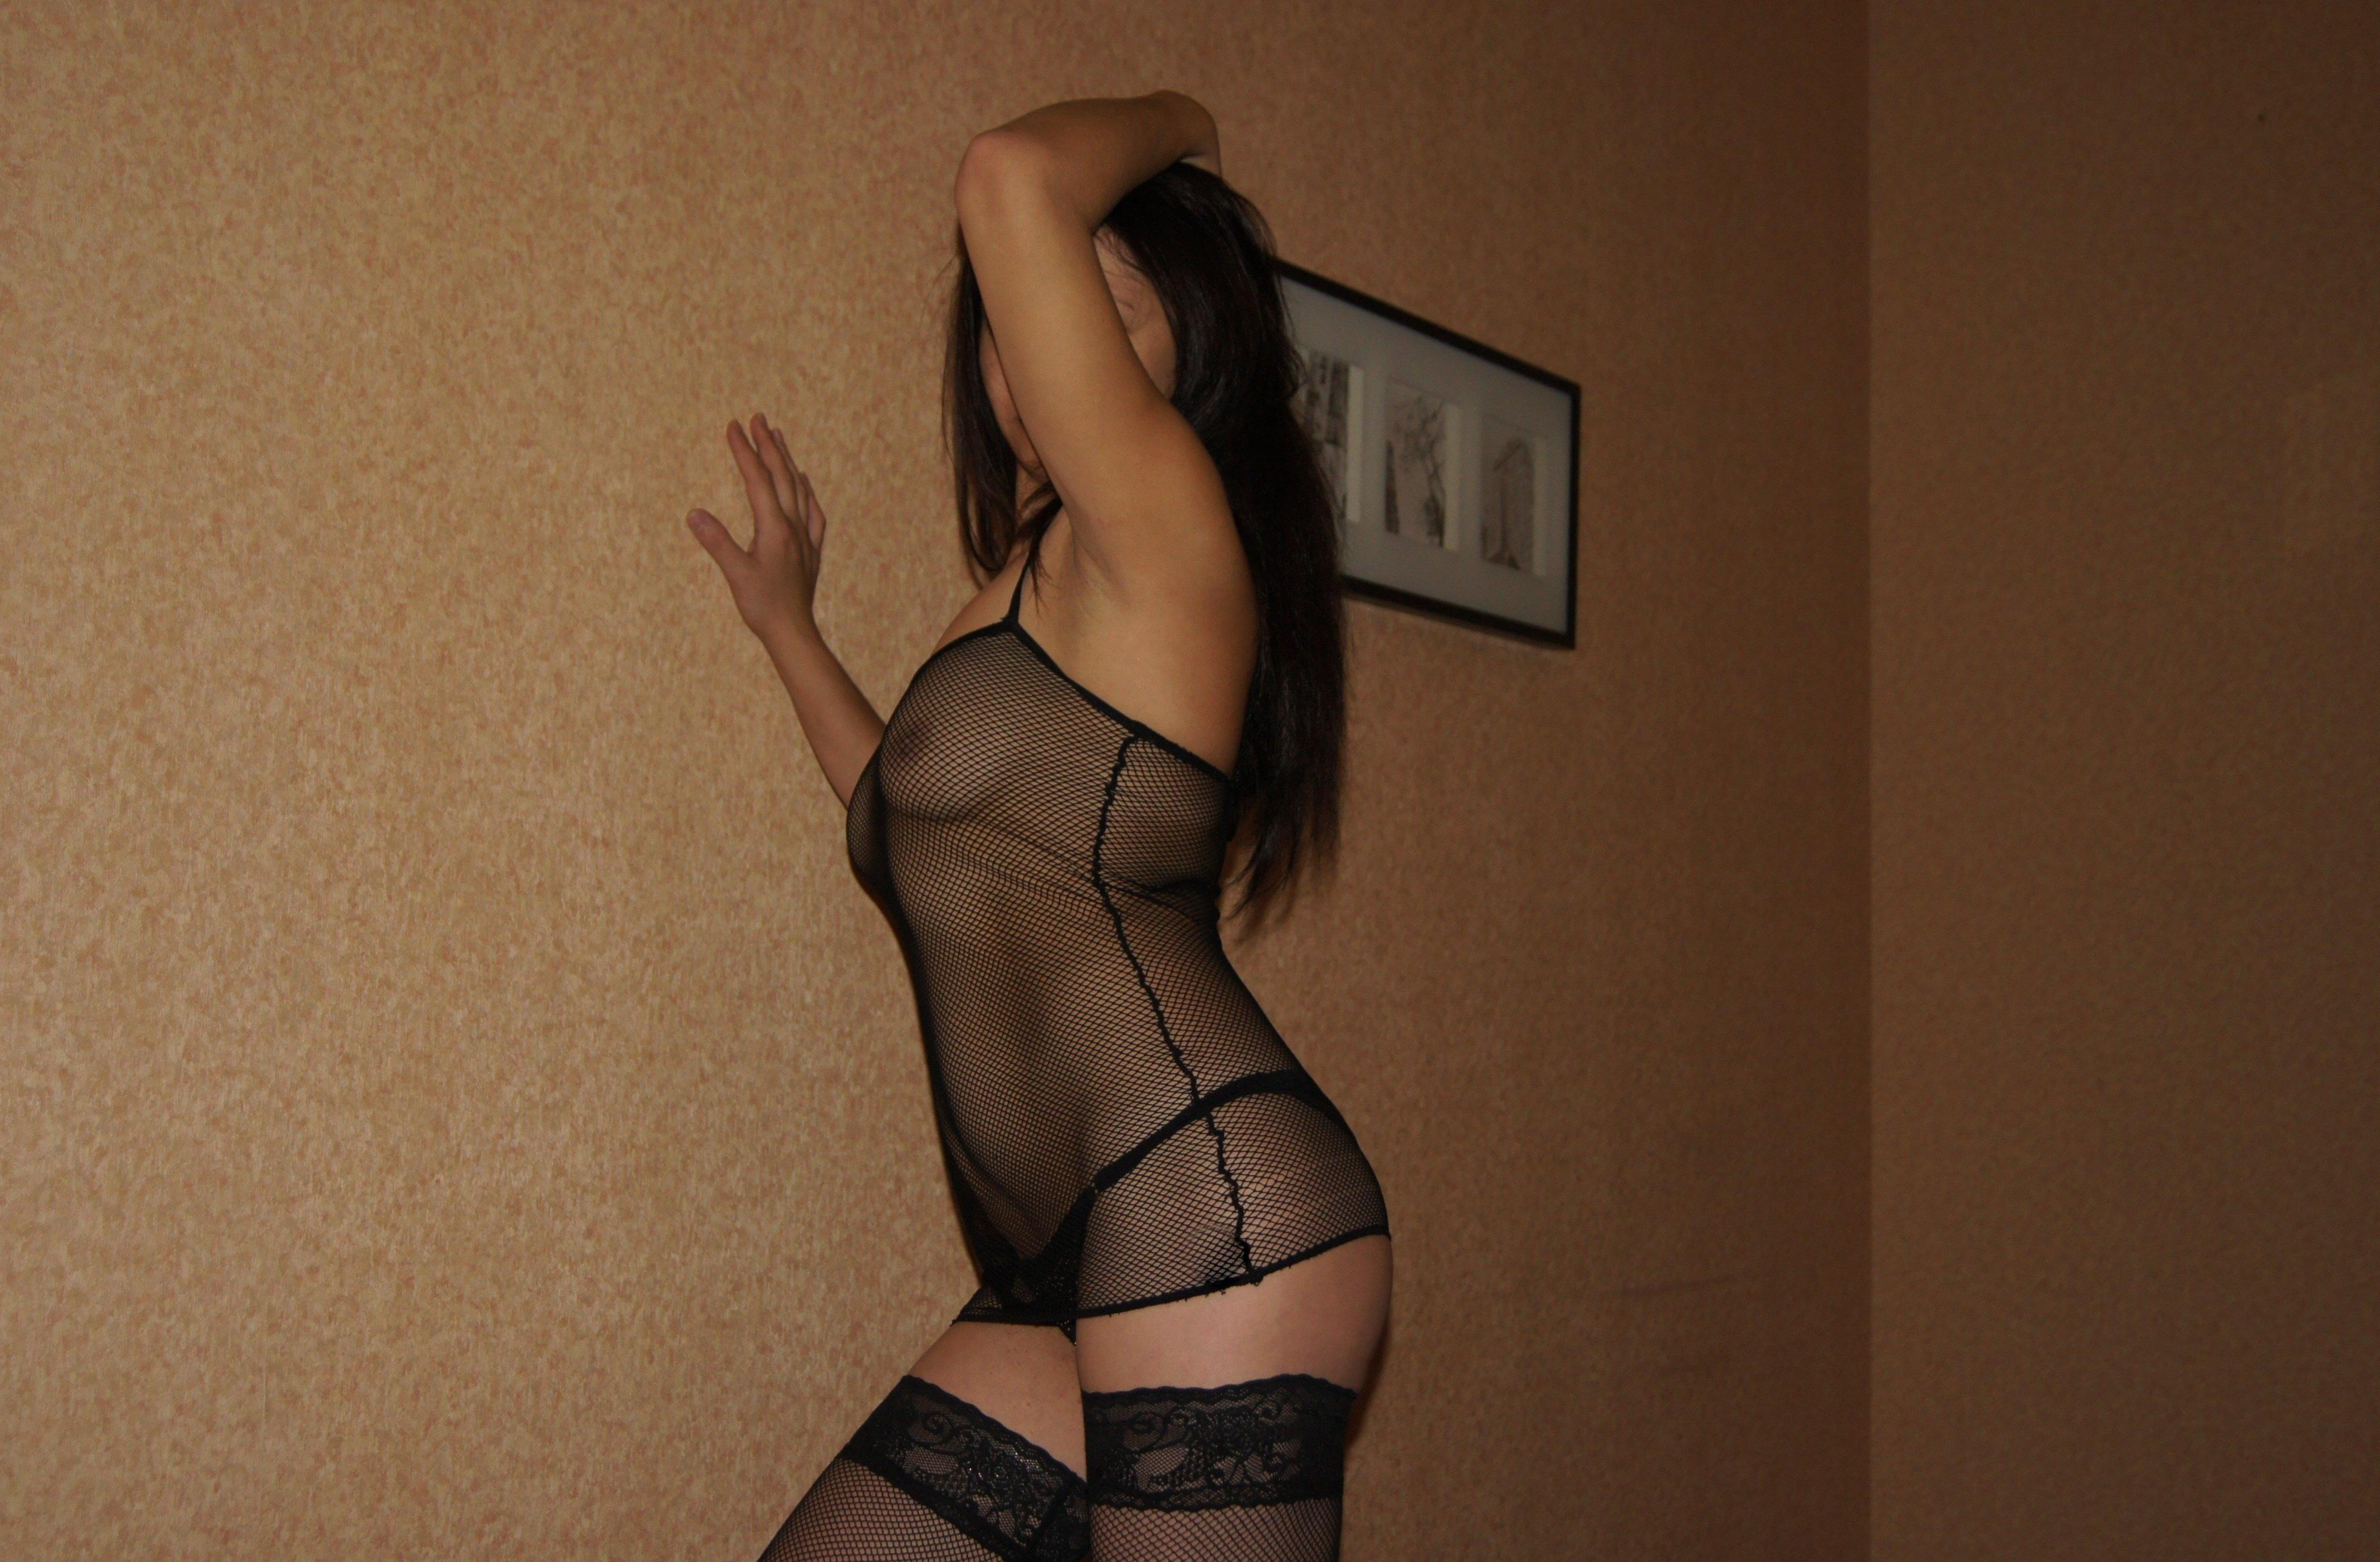 zakazat-prostitutku-v-kurgane